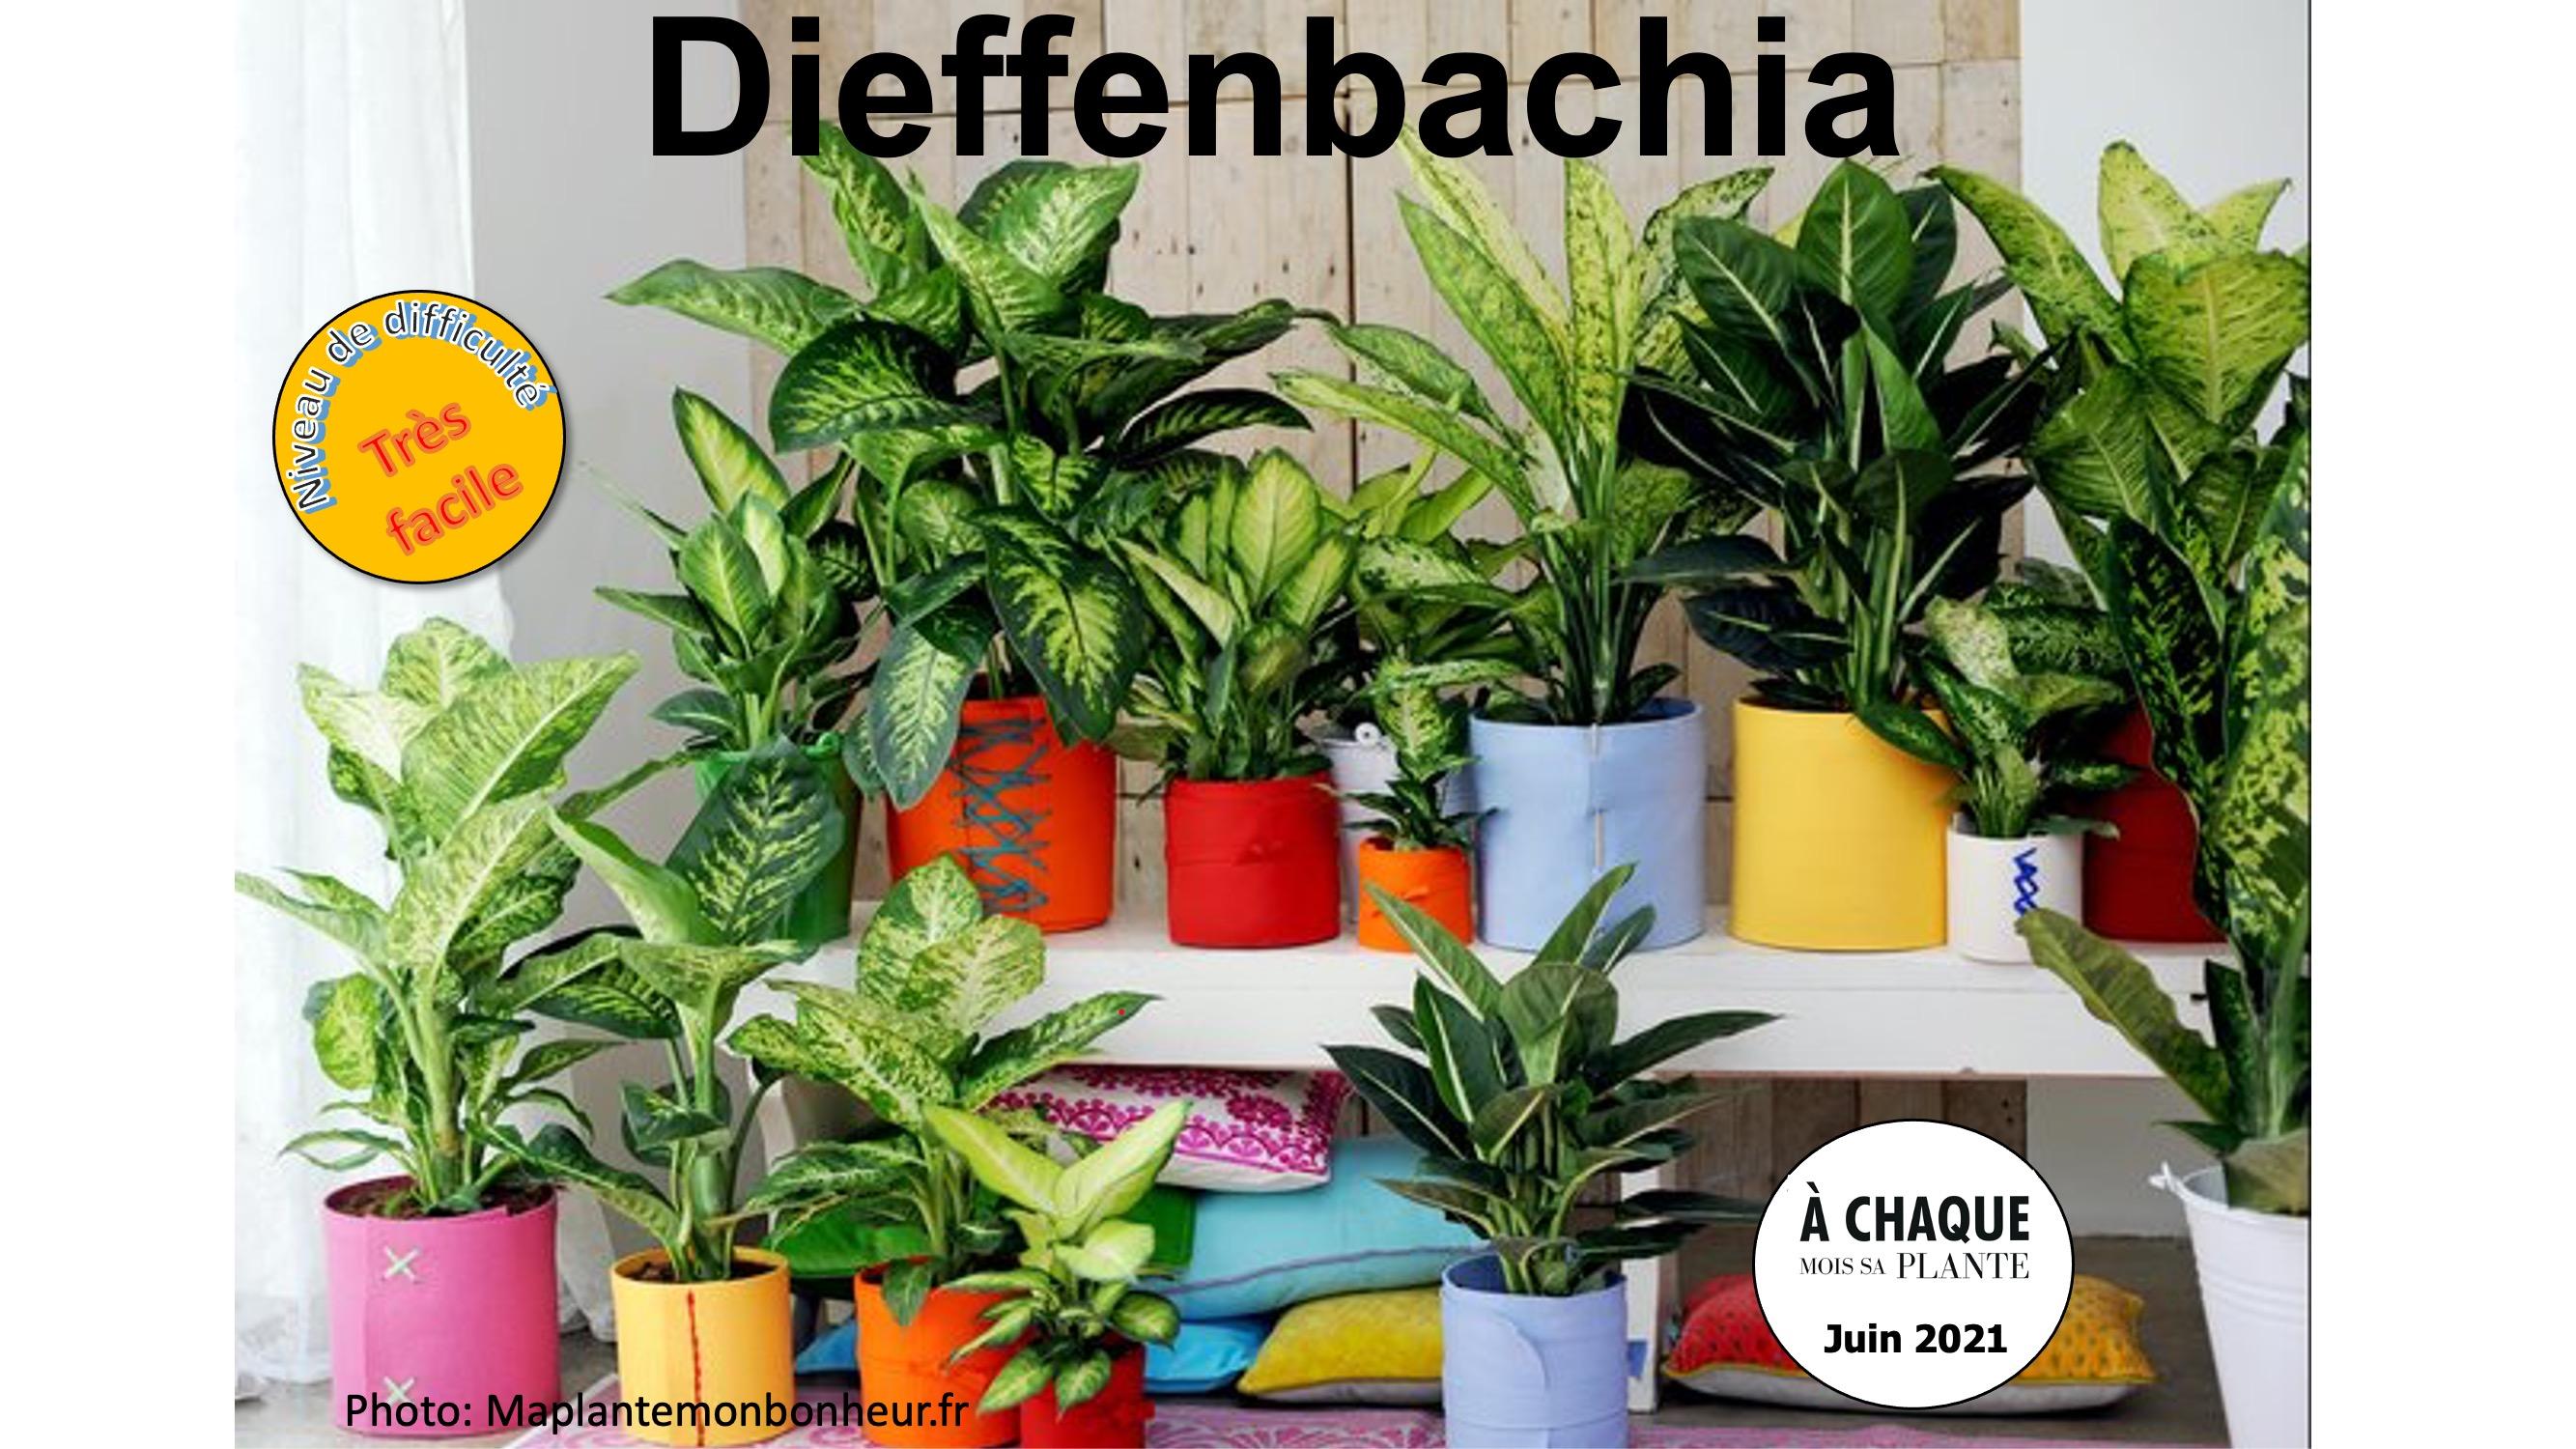 Assortiement de différents dieffenbachias sur 2 niveaux.